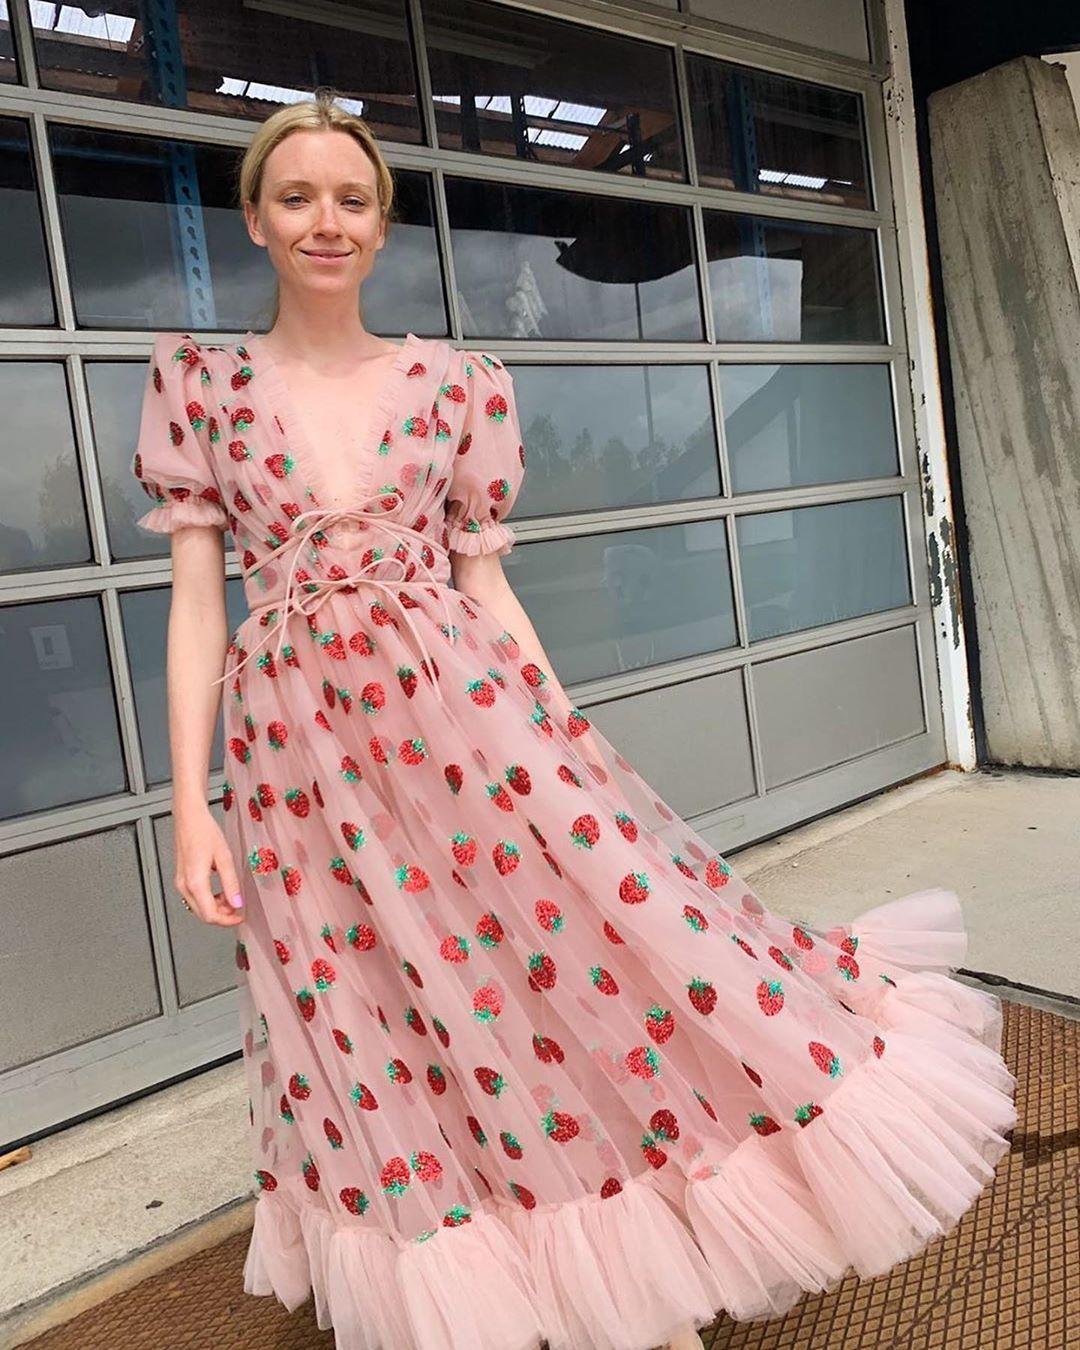 22 4 Mil Me Gusta 128 Comentarios Lirika Matoshi Lirika Matoshi En Instagram Prosenkilde Strawberry Dress Dresses Colourful Outfits [ 1350 x 1080 Pixel ]